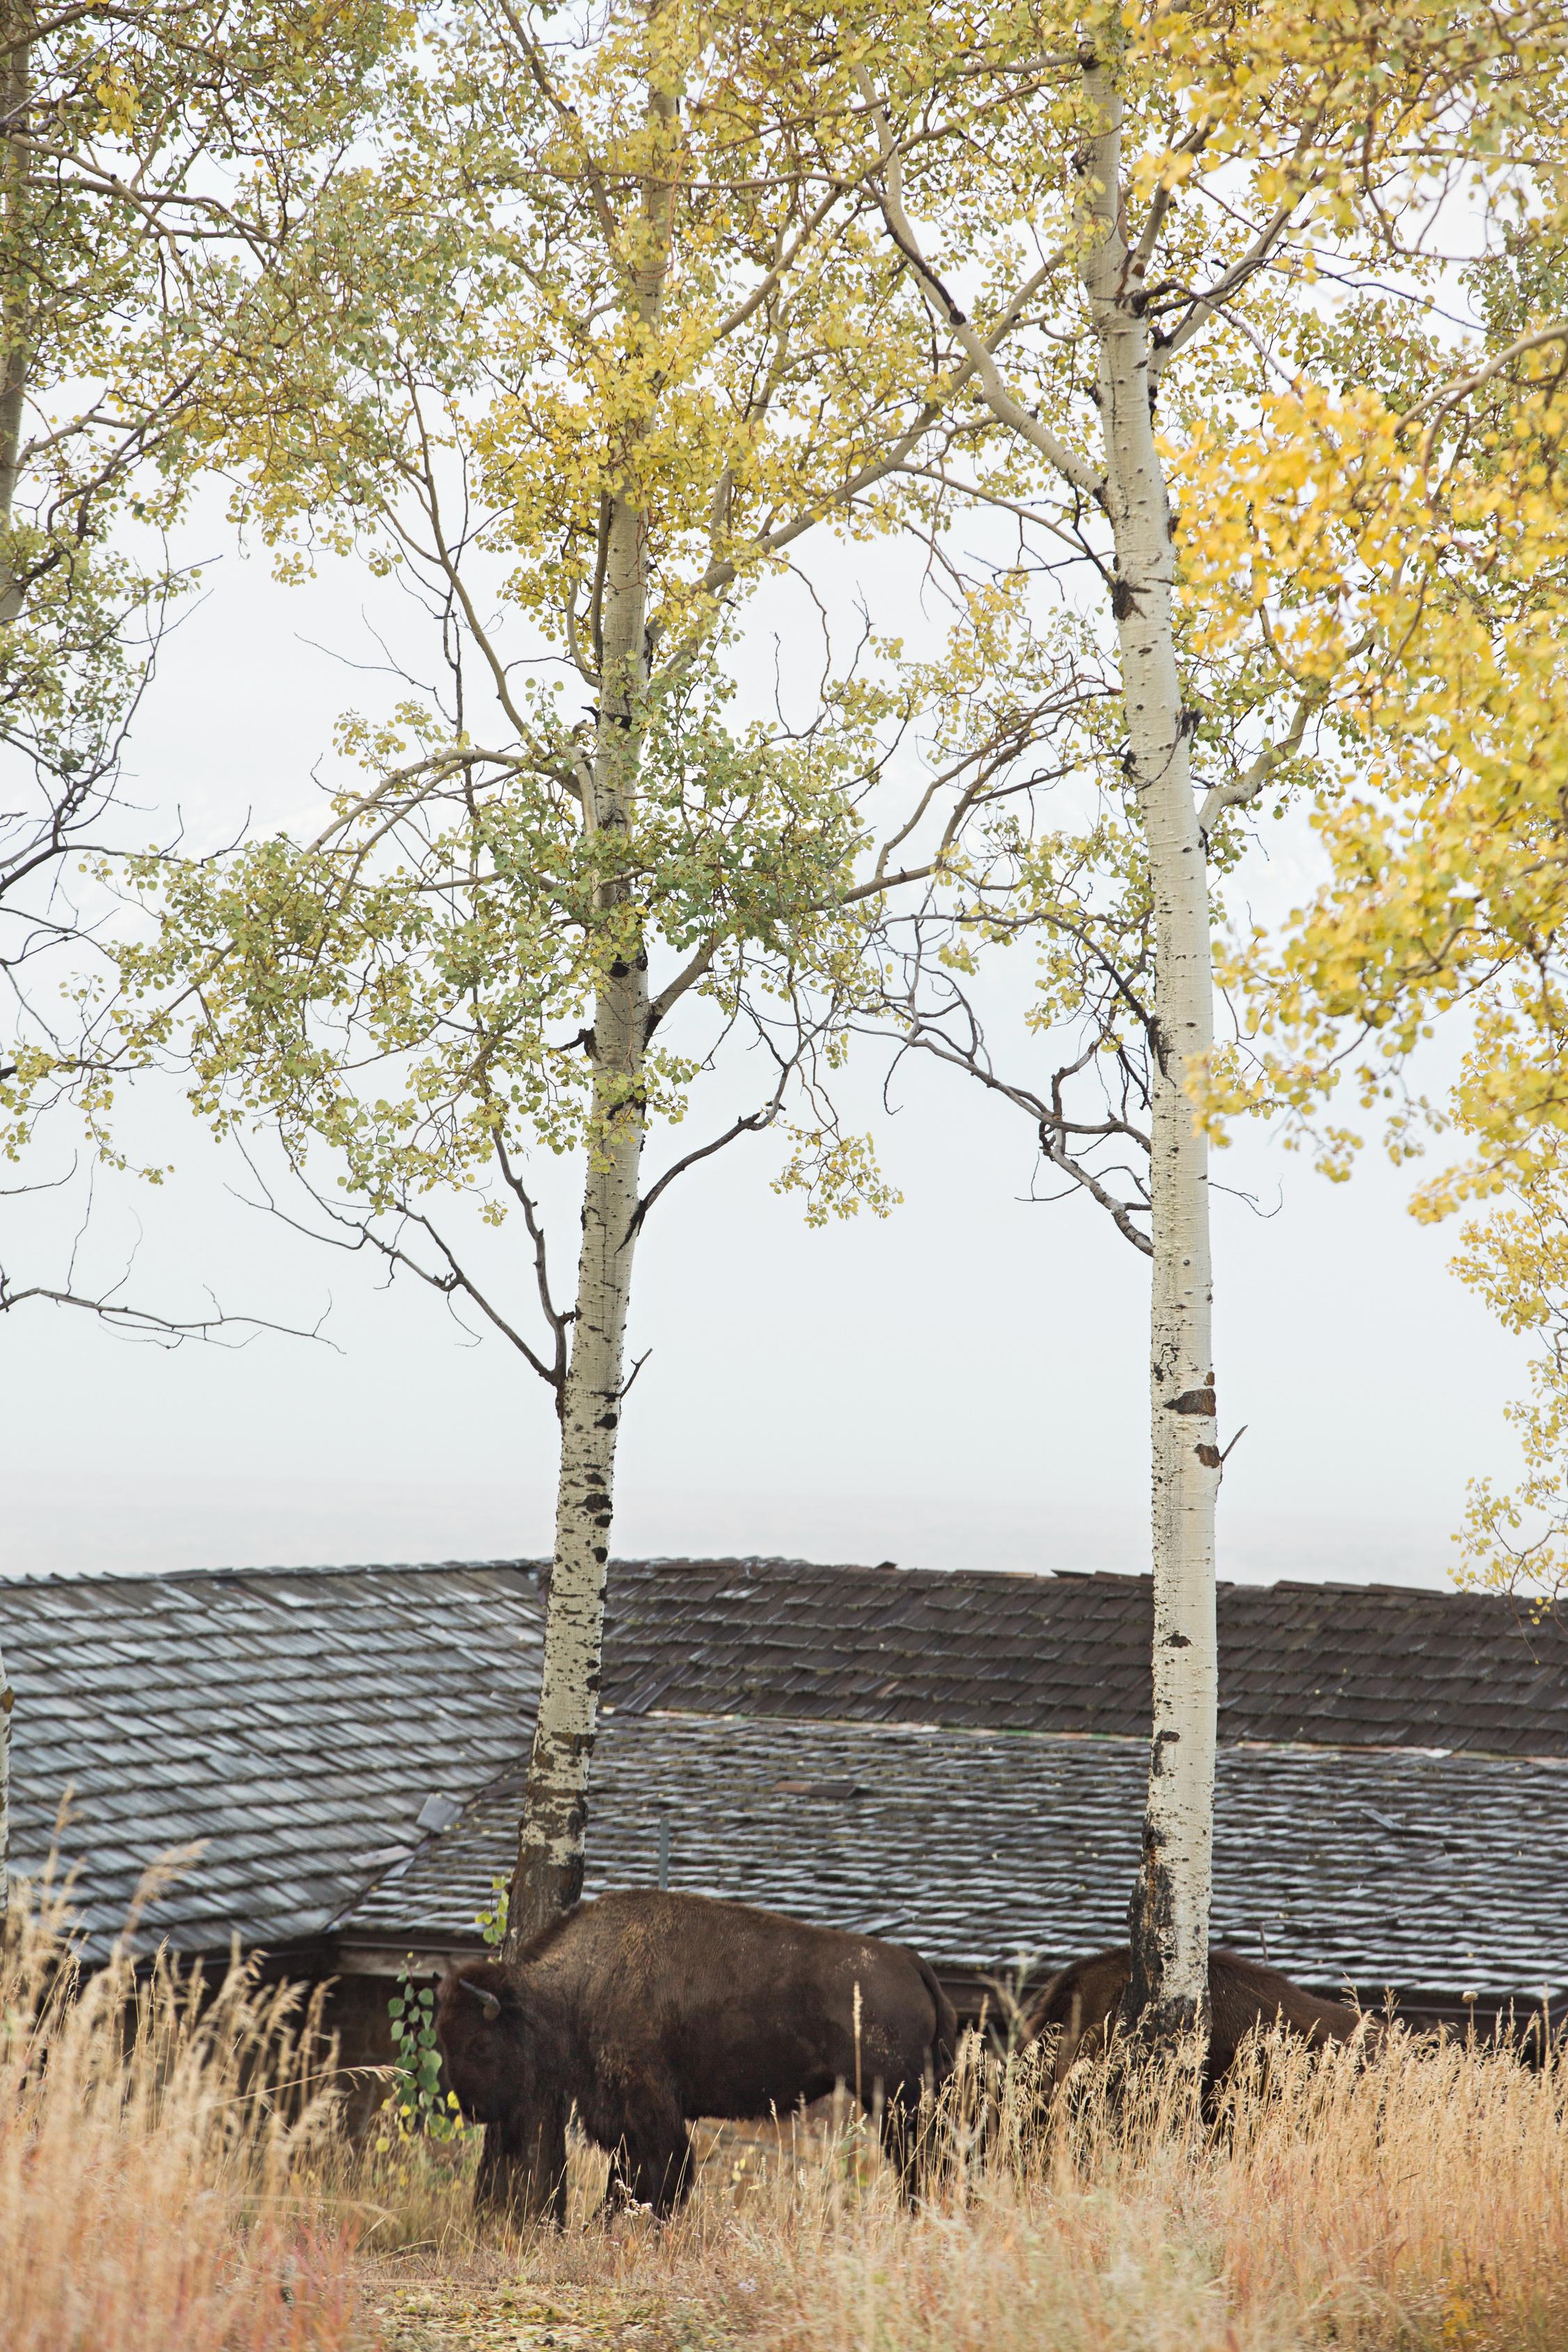 CindyGiovagnoli_Grand_Teton_National_Park_mountains_Bison_Autumn_Wyoming_Mormon_Row_aspens_fall_outdoor_photographer-041.jpg